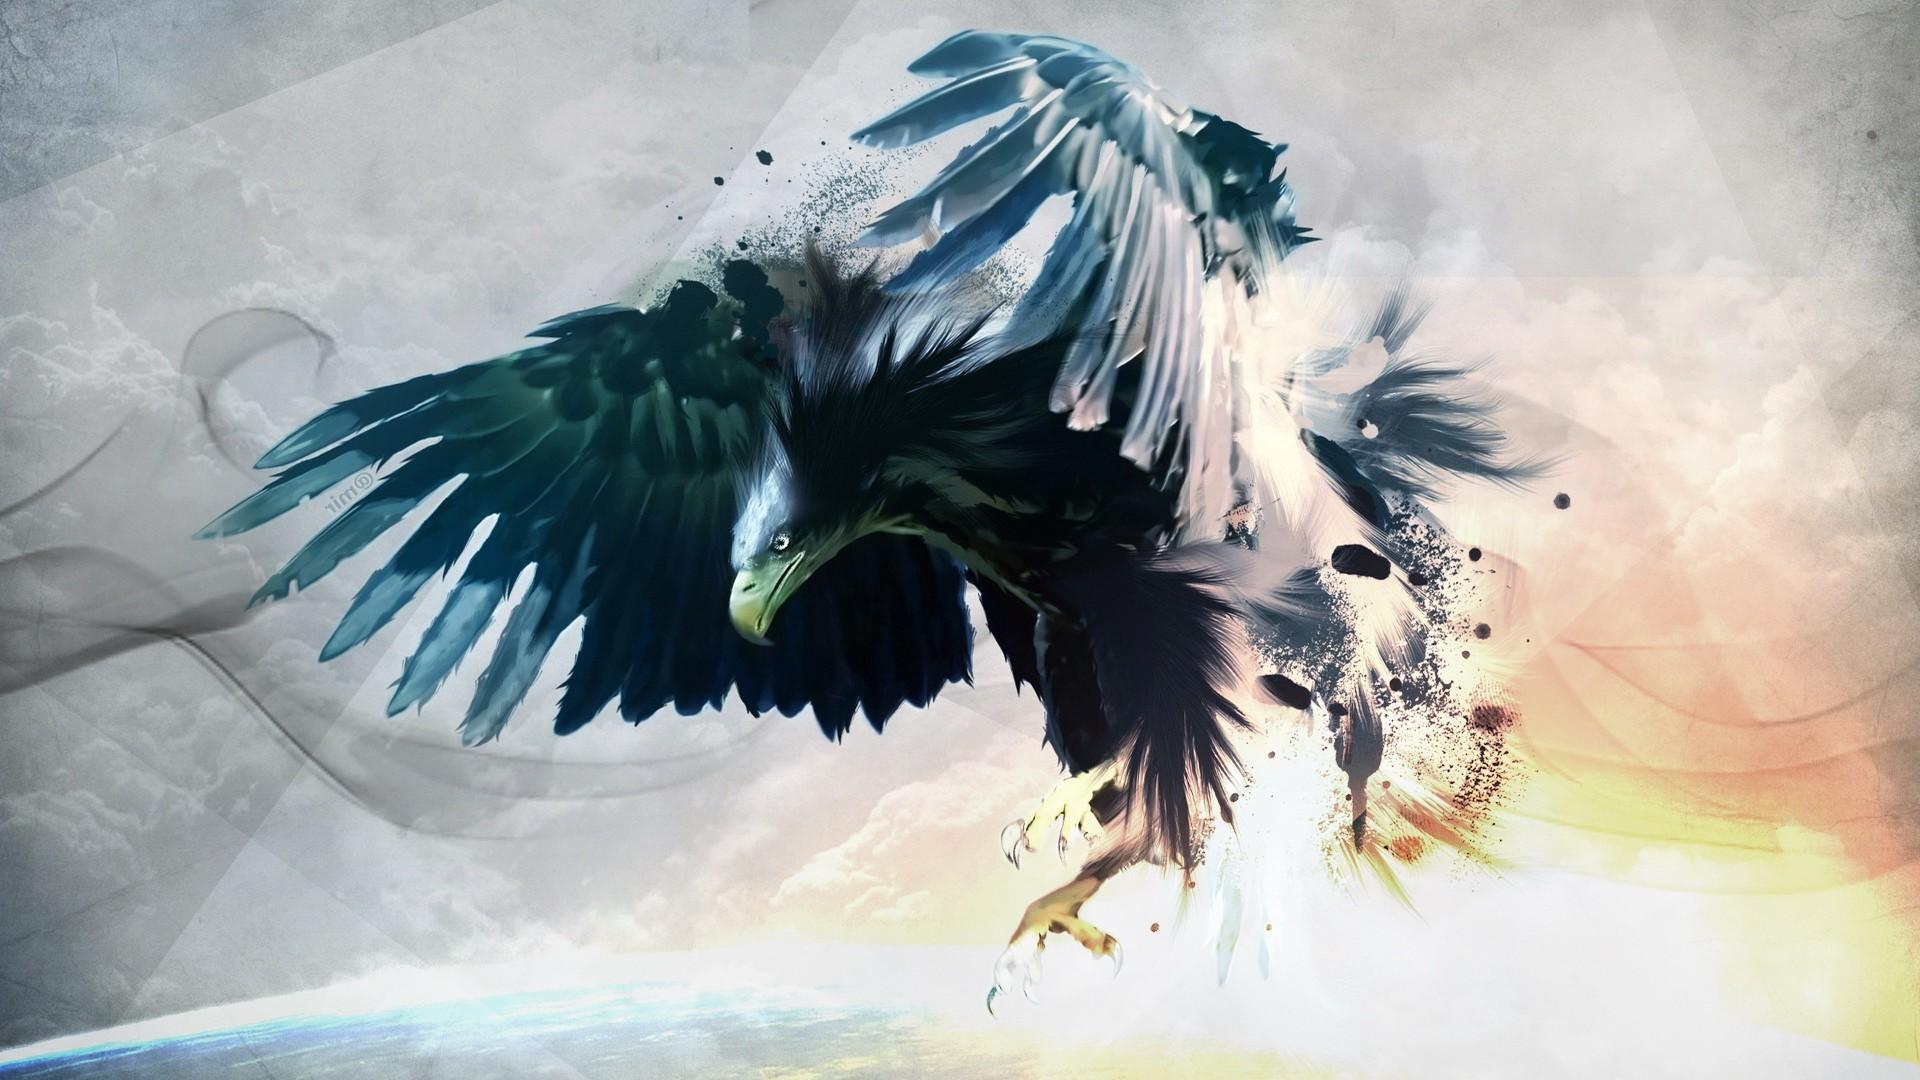 wallpaper illustration birds anime artwork paint